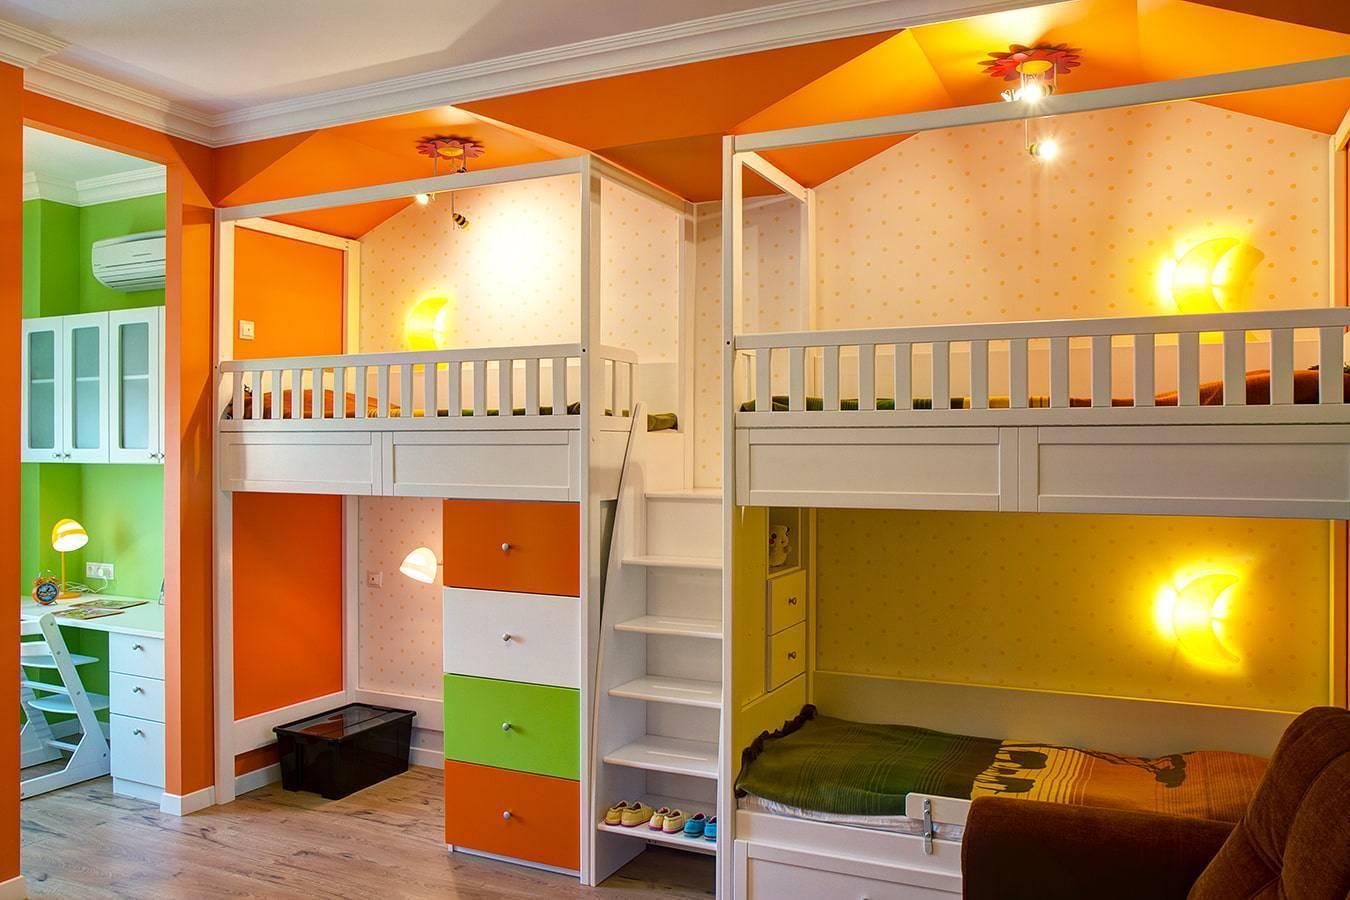 Дизайн детской комнаты для троих детей разного возраста: фото интерьера, варианты планировки | детская | vpolozhenii.com